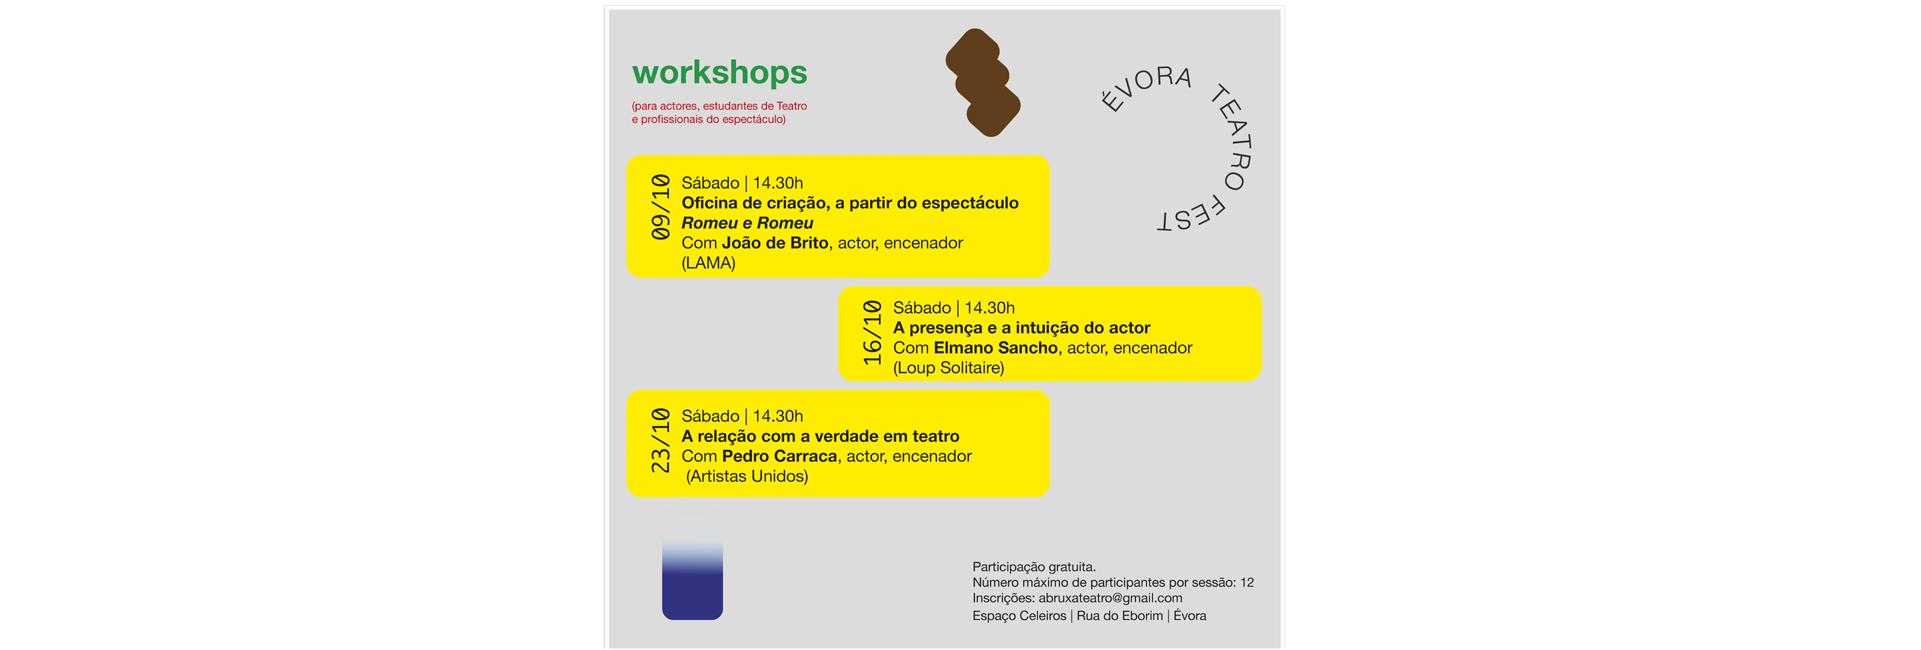 Workshop's com João de Brito, Elmano Sancho e Pedro Carraca | Évora Teatro Fest